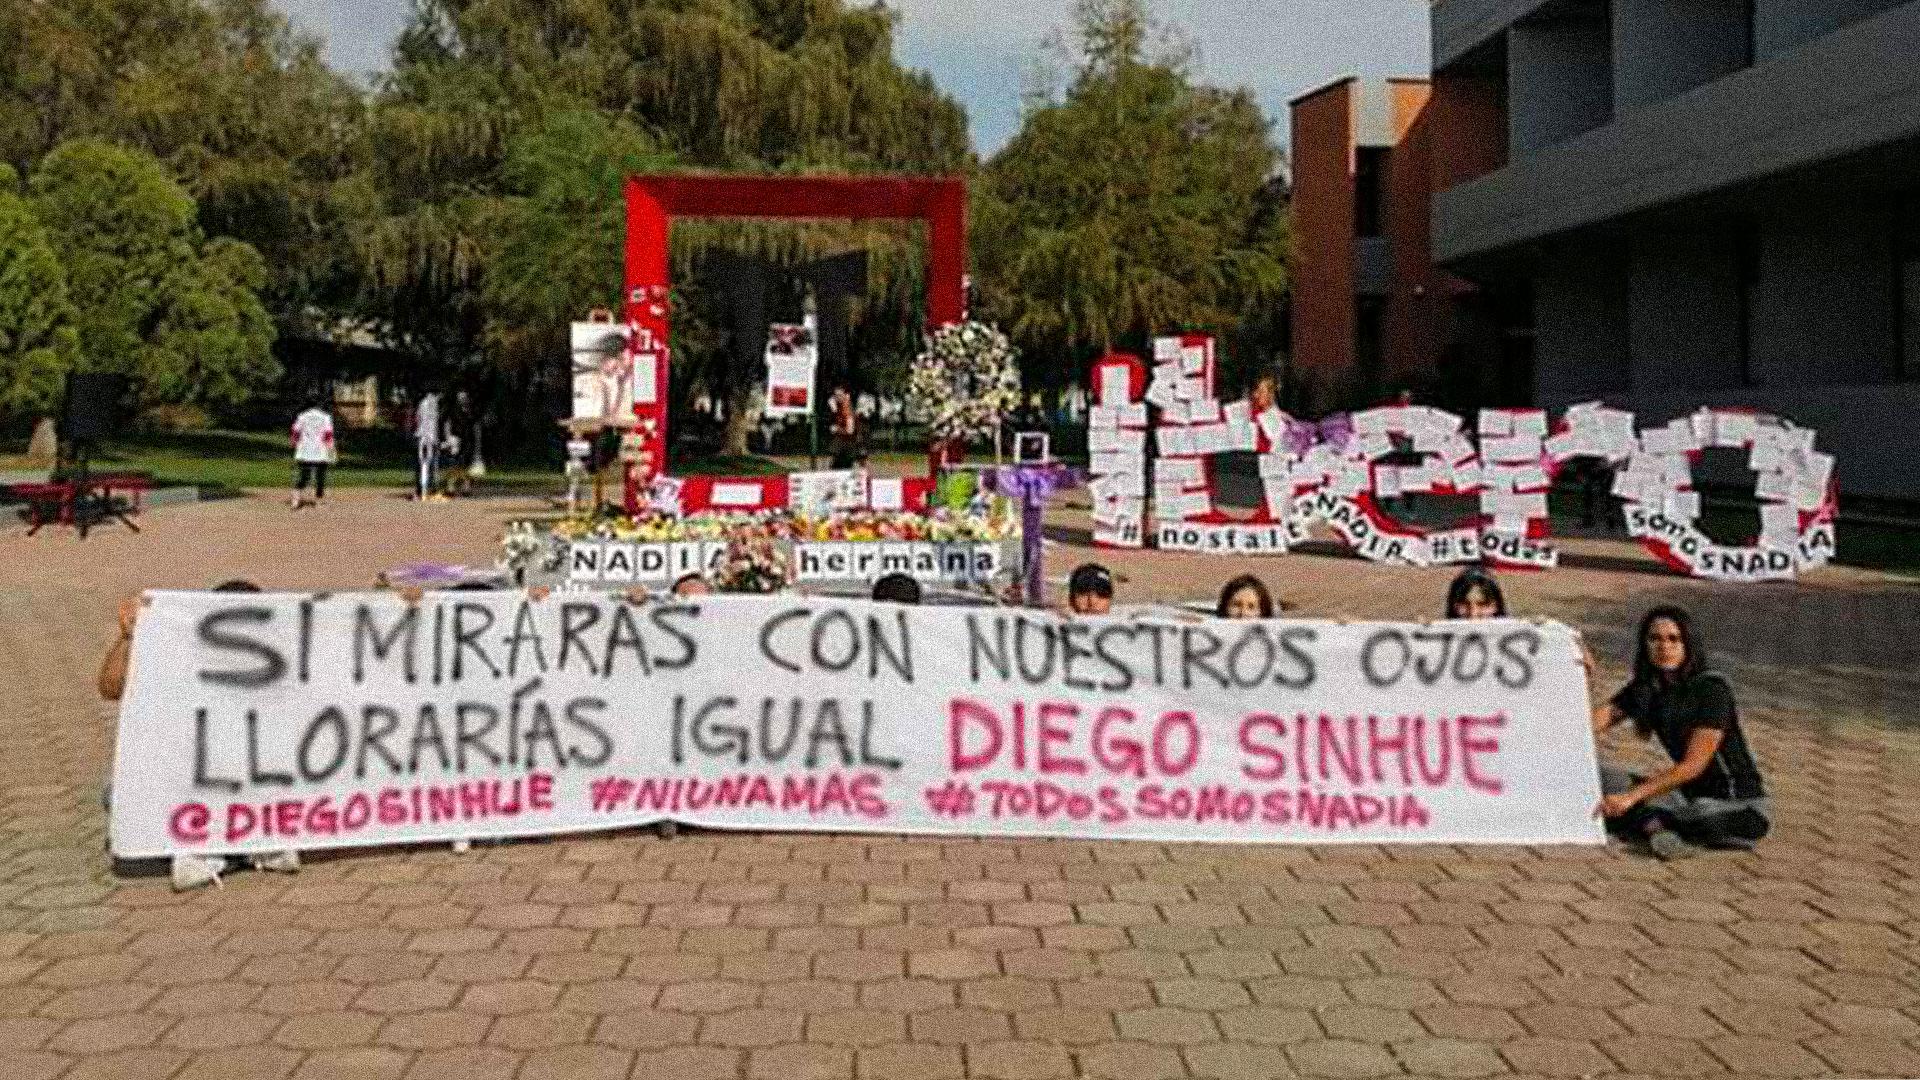 El asesinato de una estudiante de la Universidad iberoamericana provocó una movilización de protesta en contra del gobierno de Diego Sinhue